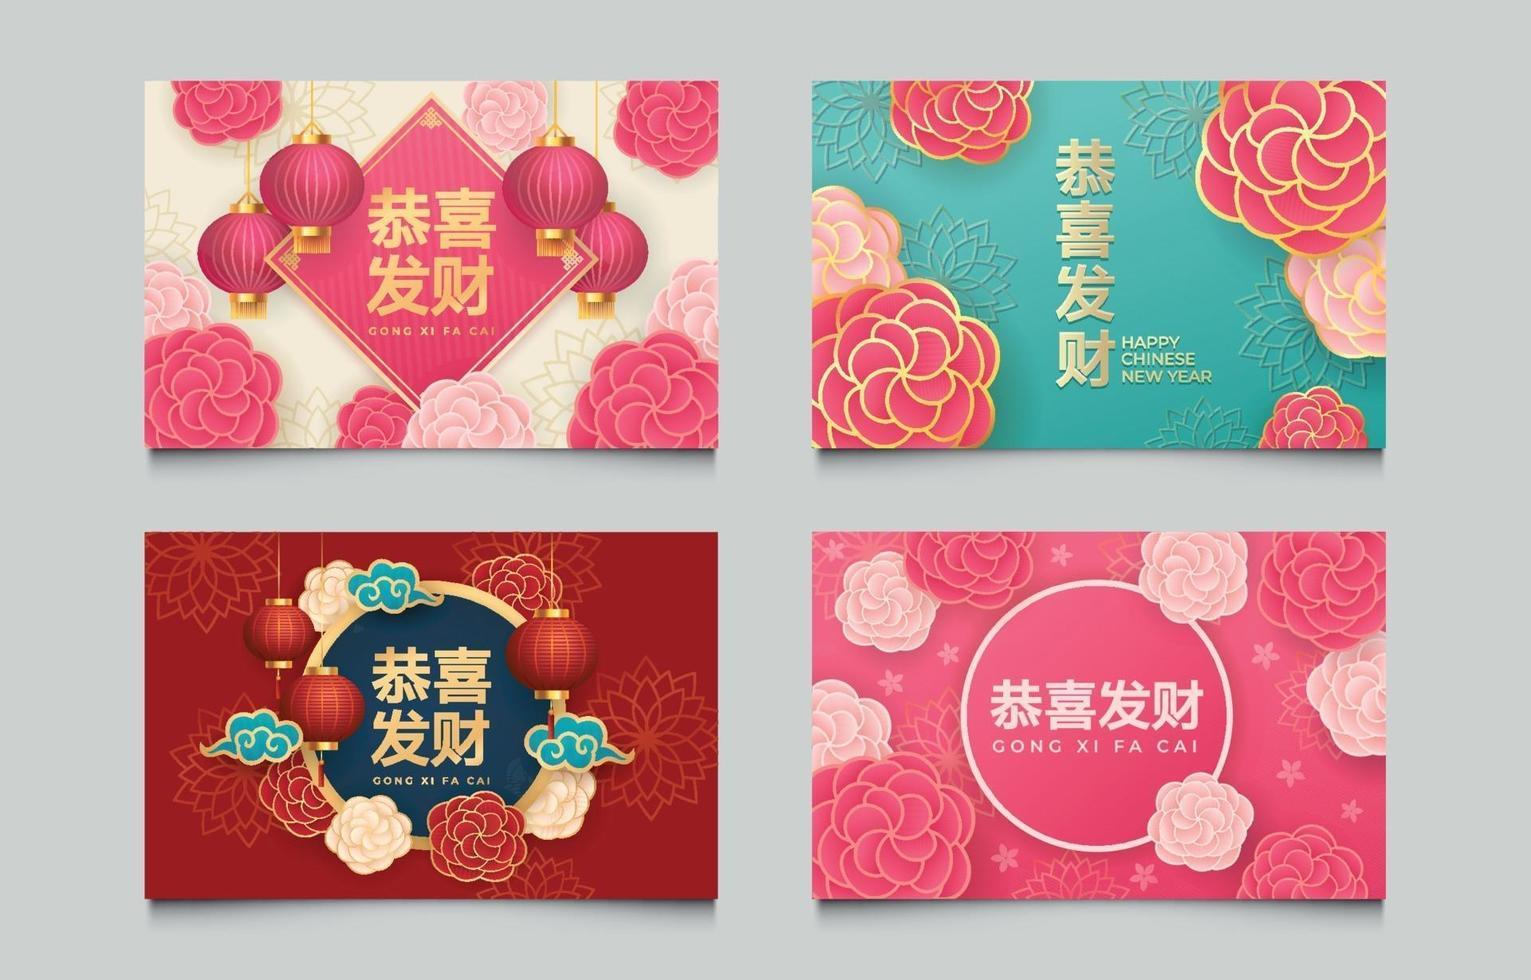 conjunto de cartão de ano novo chinês escrito em chinês vetor